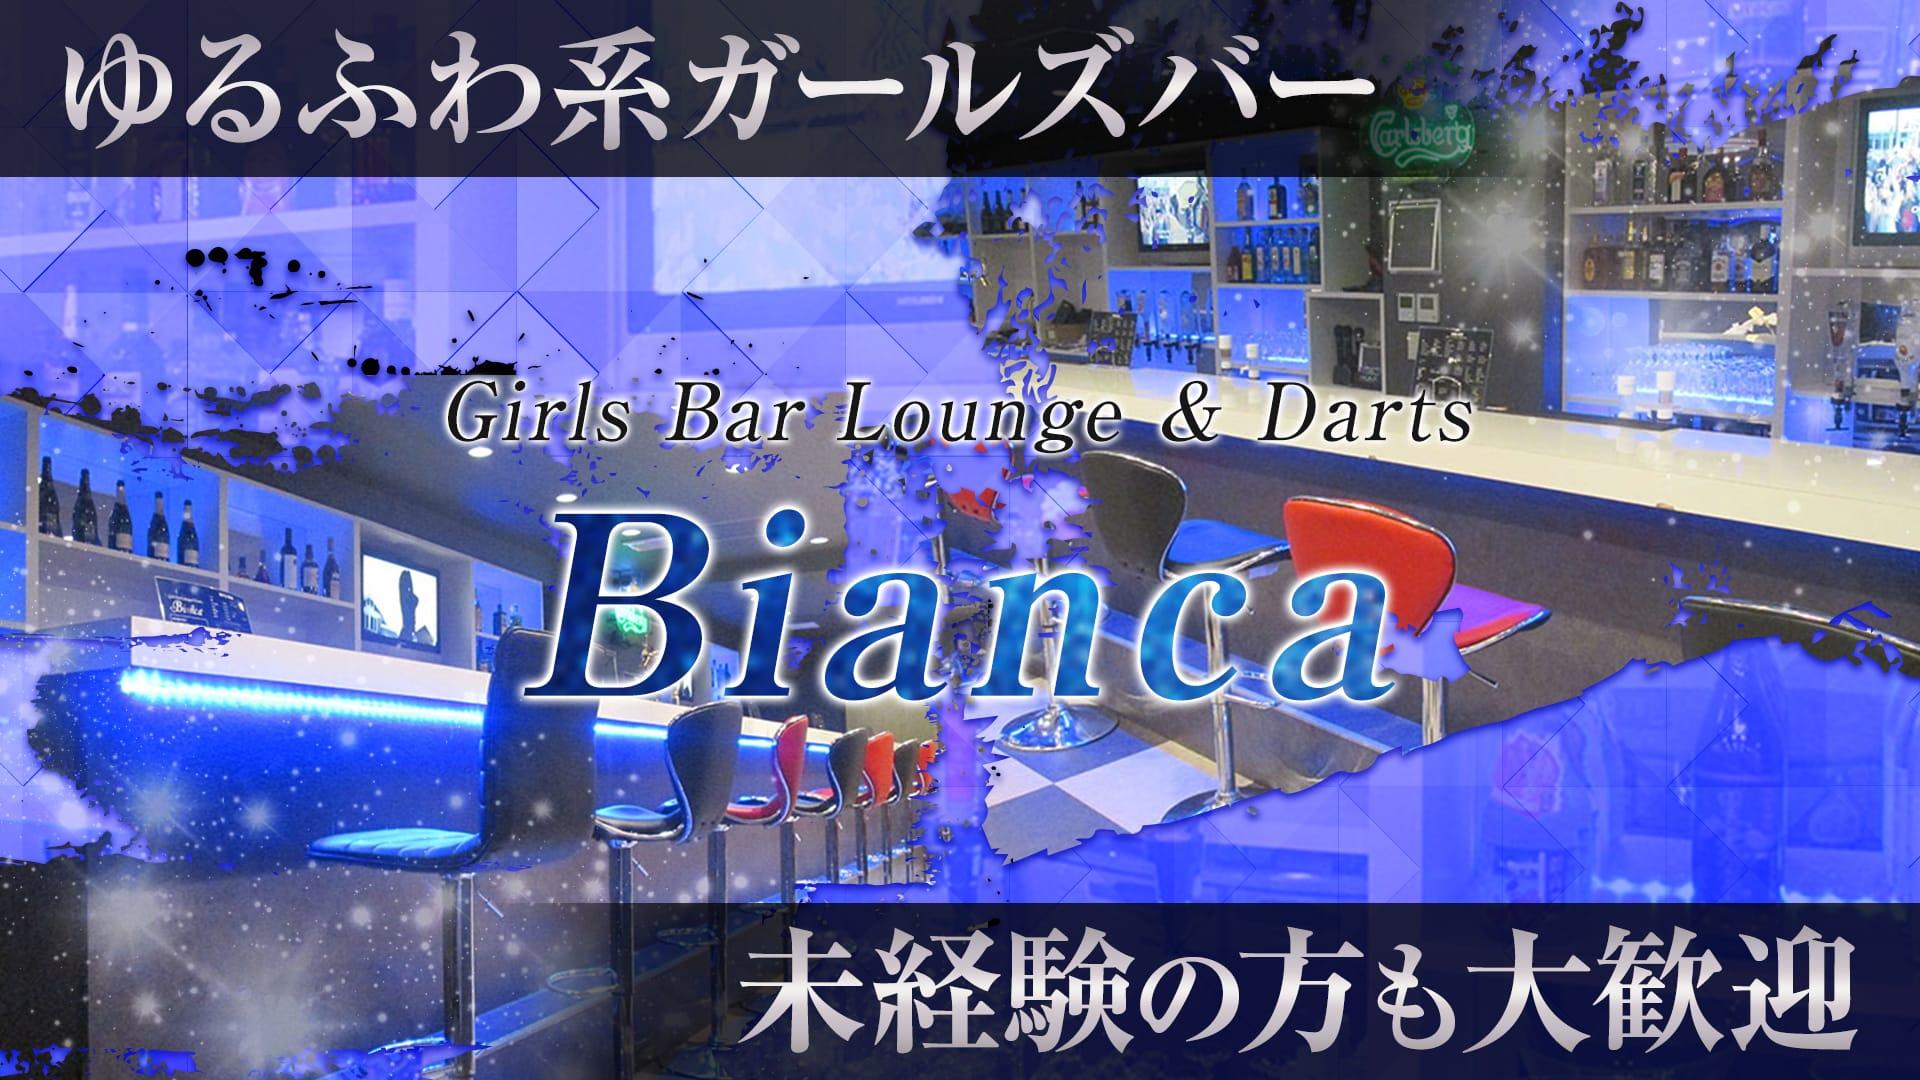 【昼・夜】Girls Bar Lounge  -Bianca-(ビアンカ) 川崎ガールズバー TOP画像